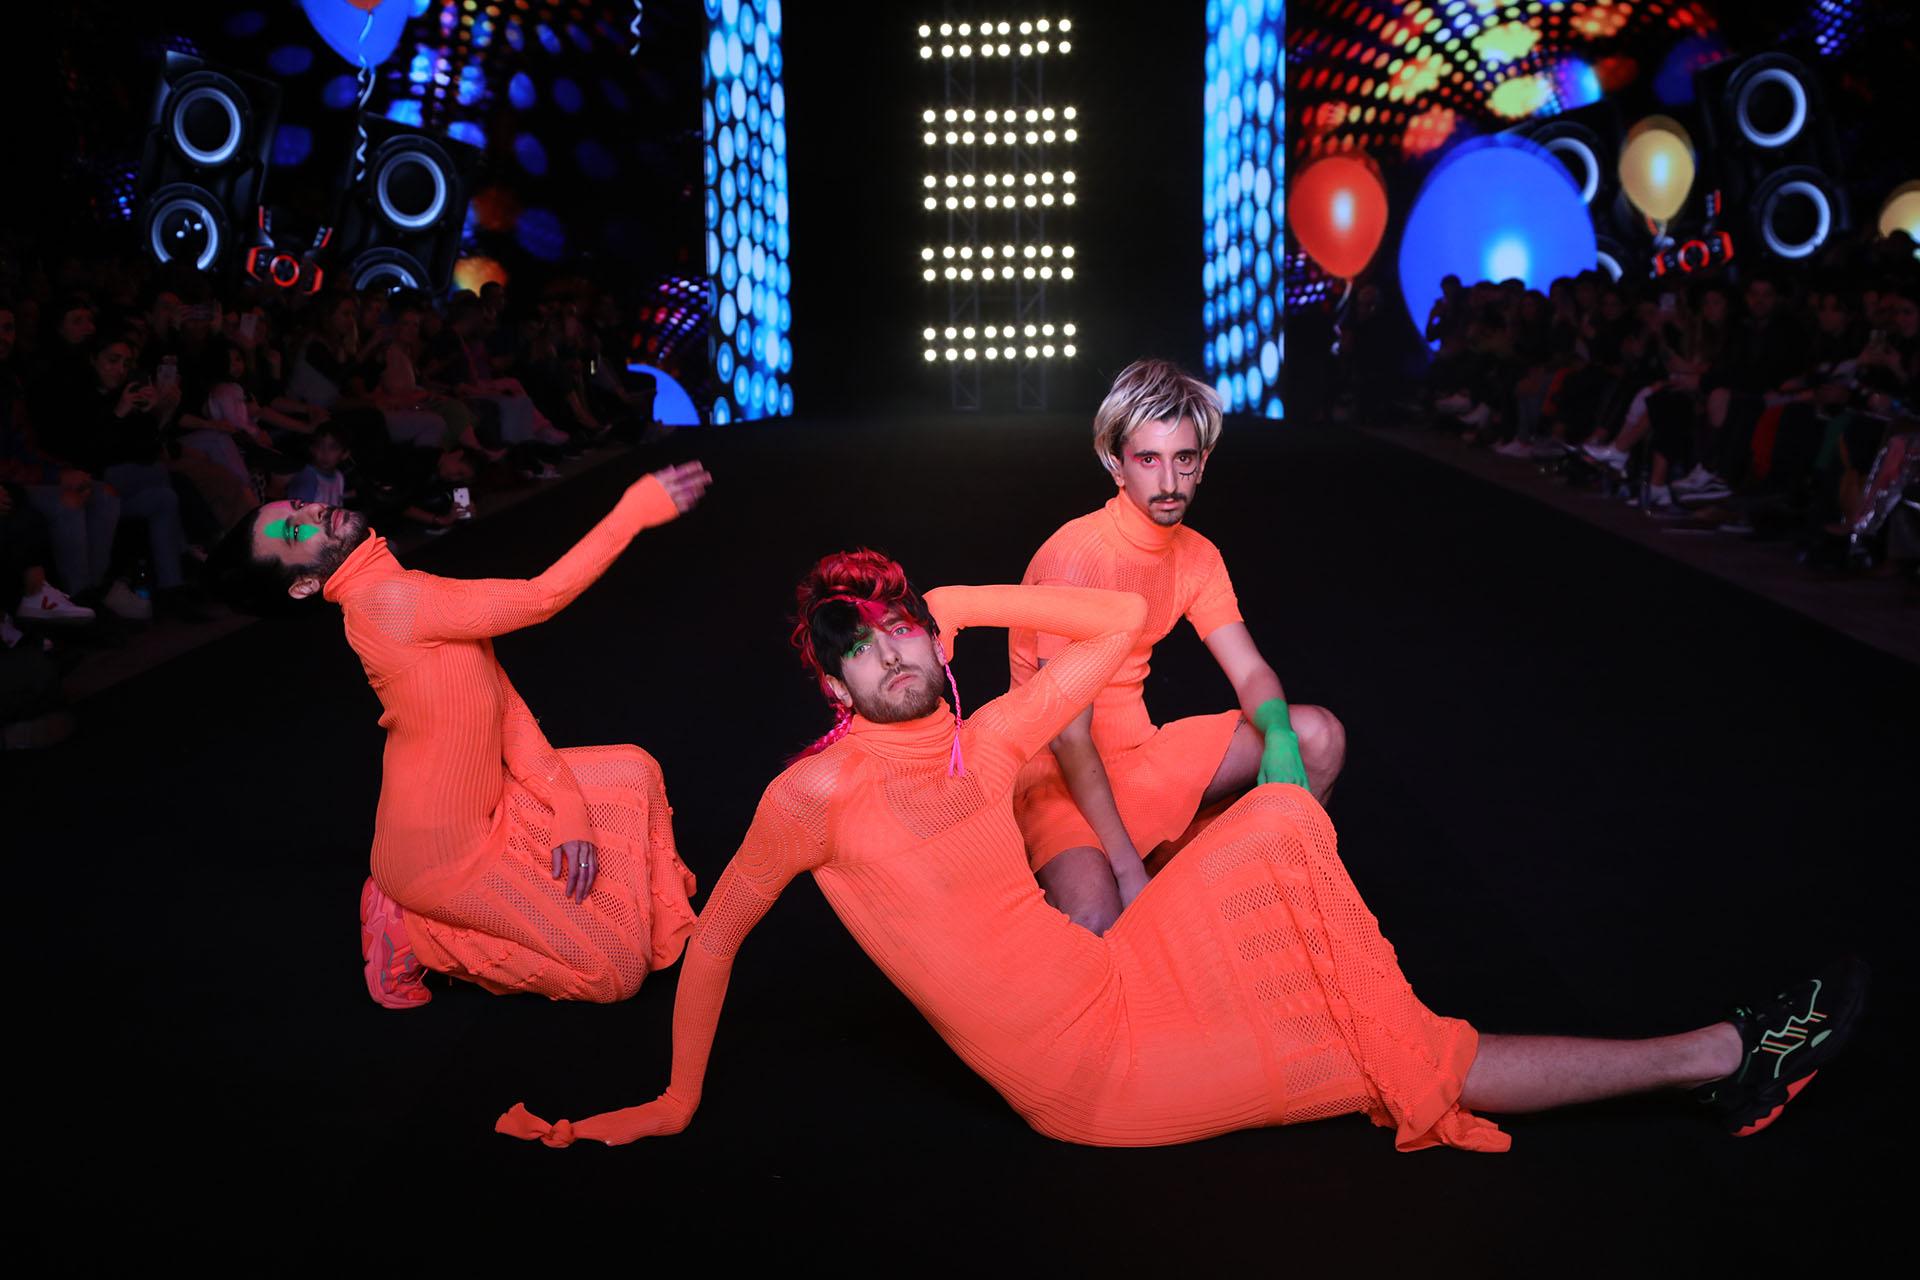 Los diseños de Vanesa Krongold son diferentes entre sí y son prendas que para esta colección de verano 2020 contó con bordados a mano y tocados realizados por Juan Romero, creador de la comparsa Ita Verá De Goya, y piezas especiales realizadas por la diseñadora de joyería Paloma Vega de Mendoza